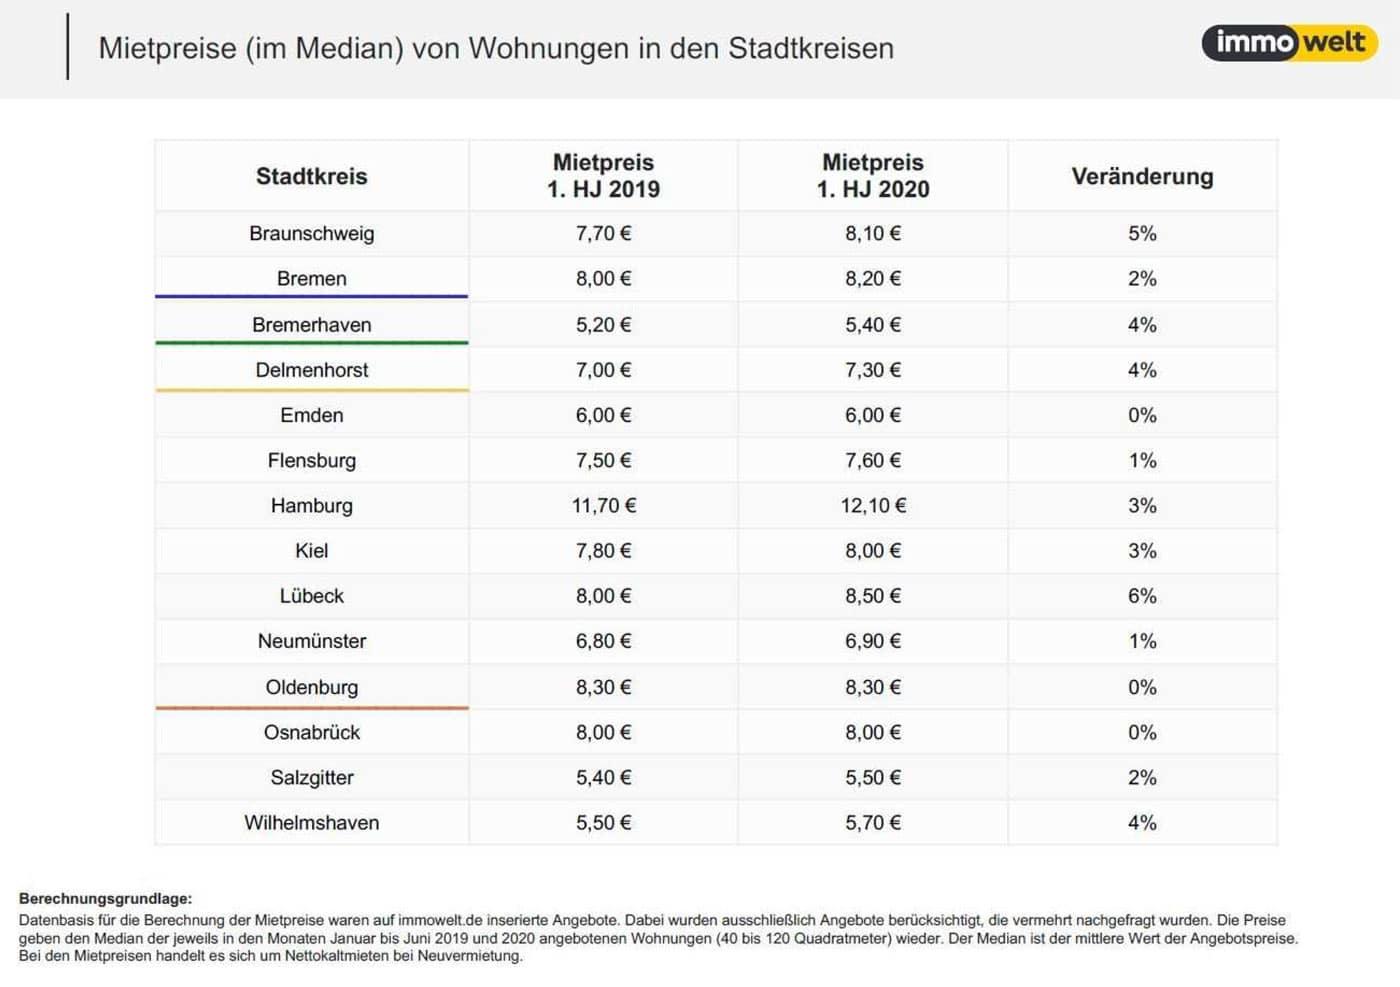 Mietpreise von Wohnungen in den Stadtkreisen